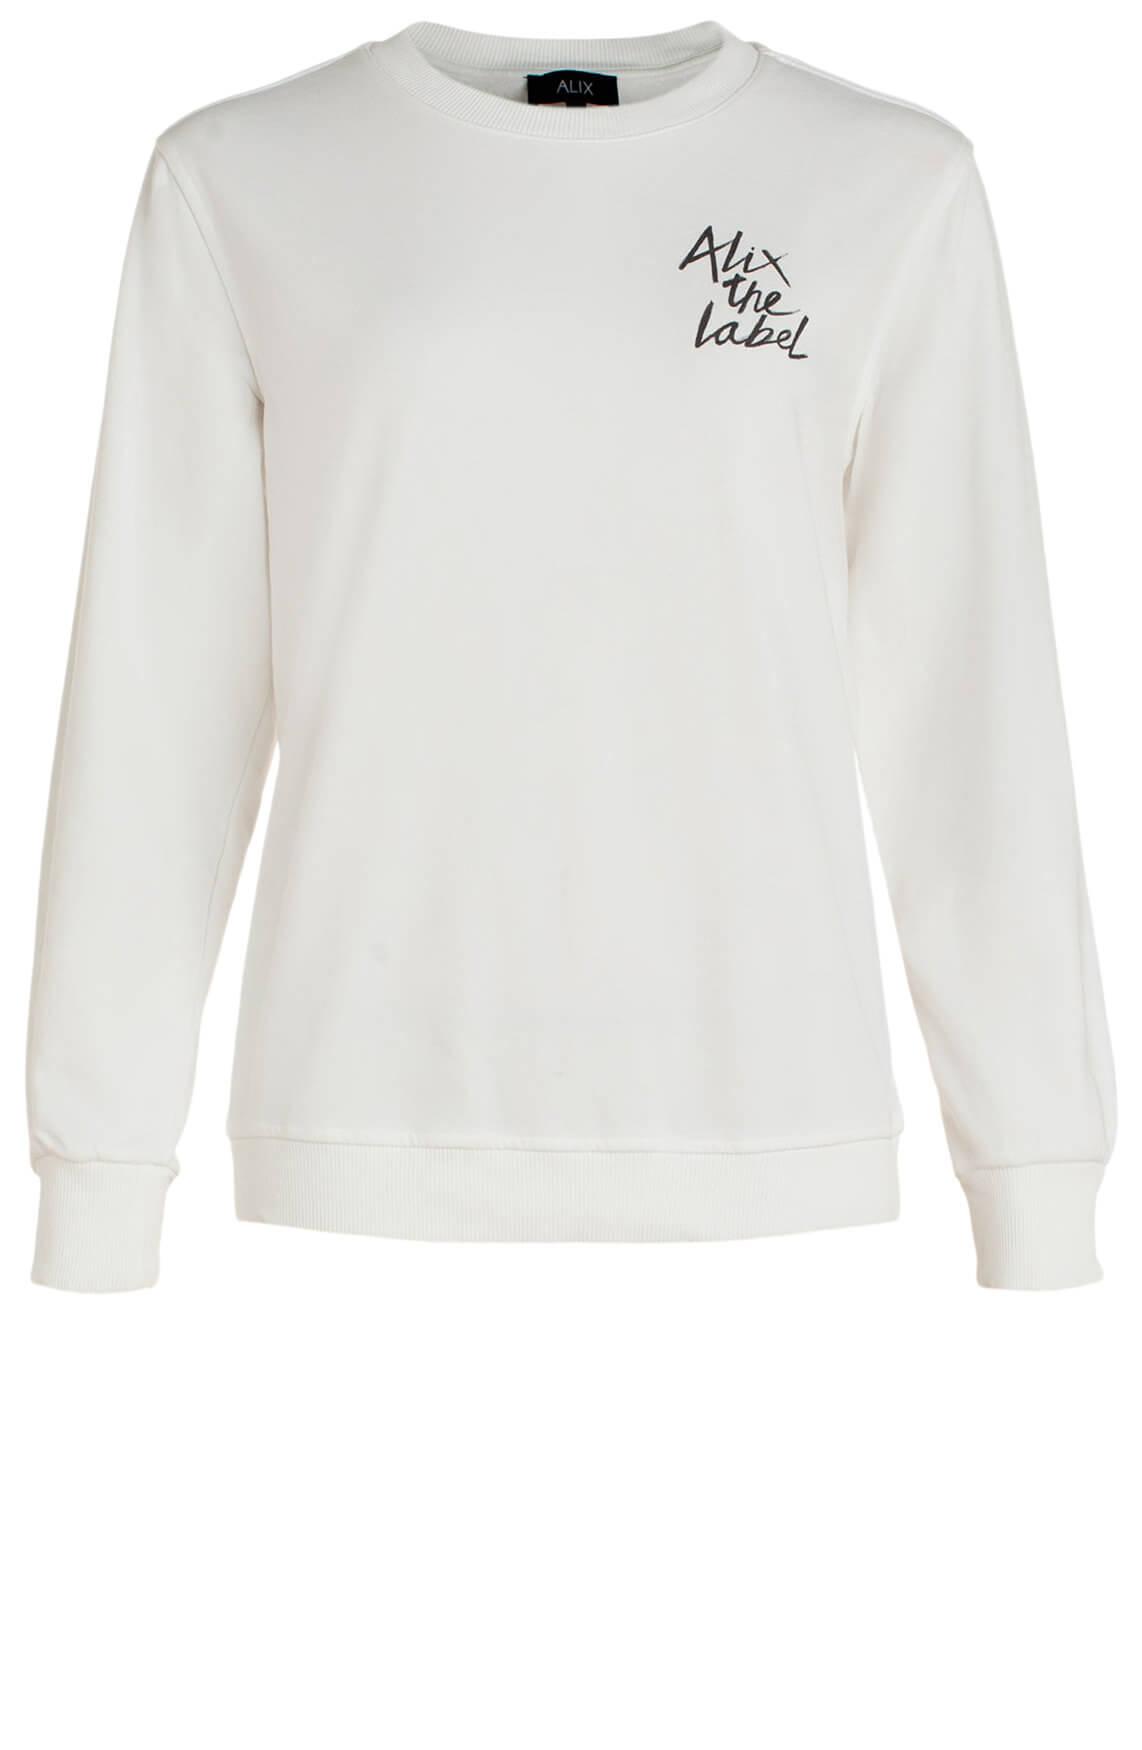 Alix The Label Dames Sweater met tekstprint wit